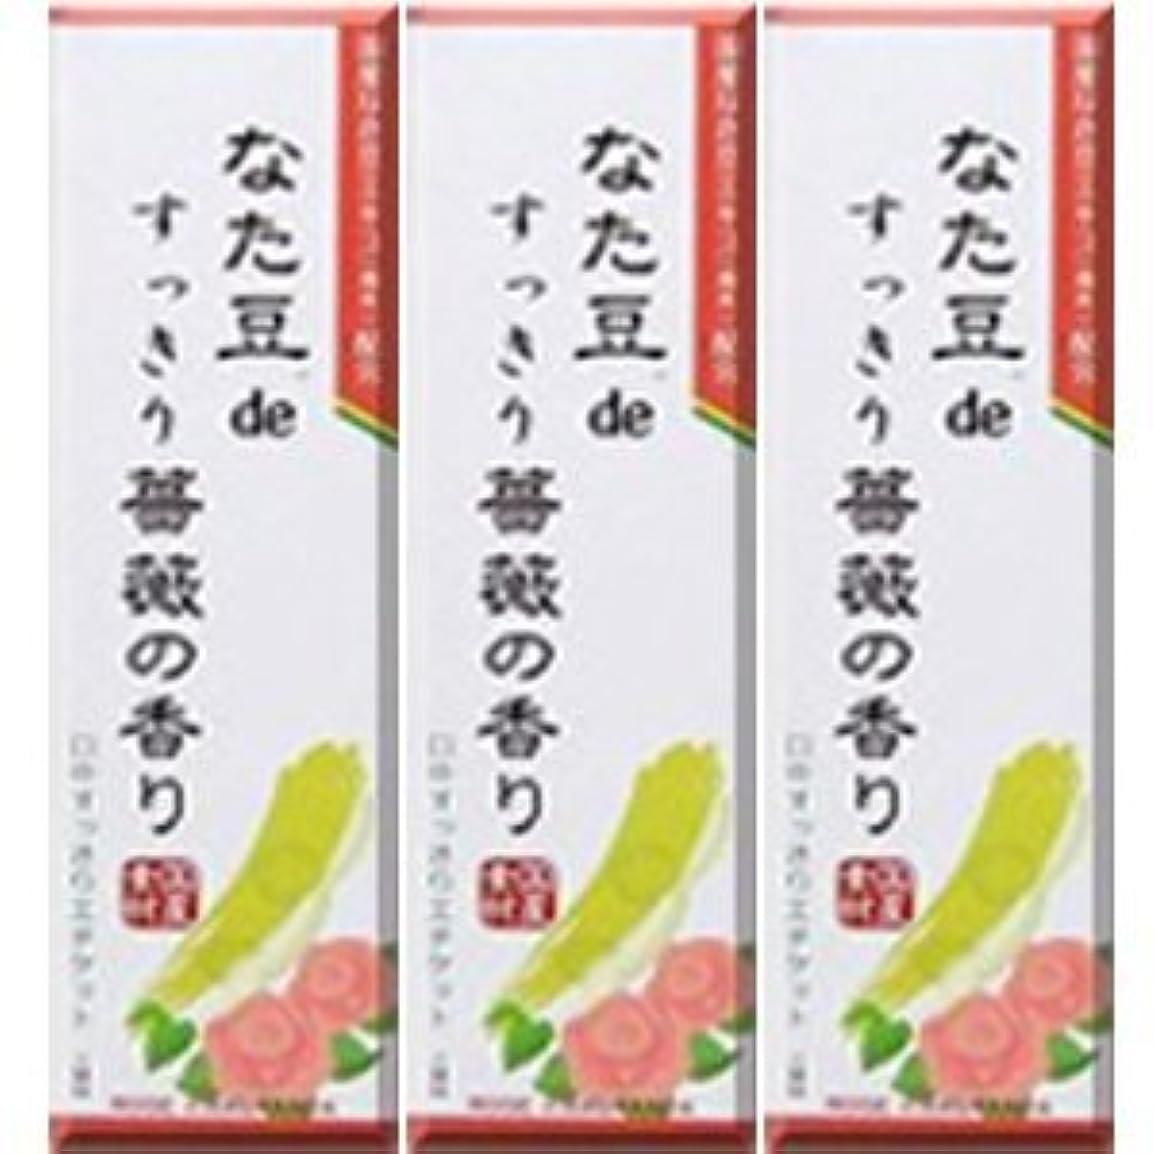 味わう拮抗する租界なた豆deすっきり薔薇の香り 120gx3個 (4543268071192)